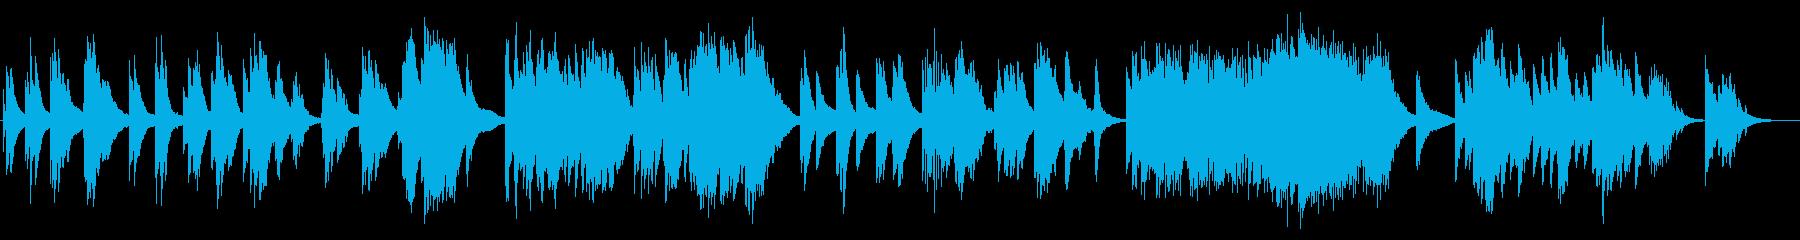 しっとりジャズソロピアノの再生済みの波形